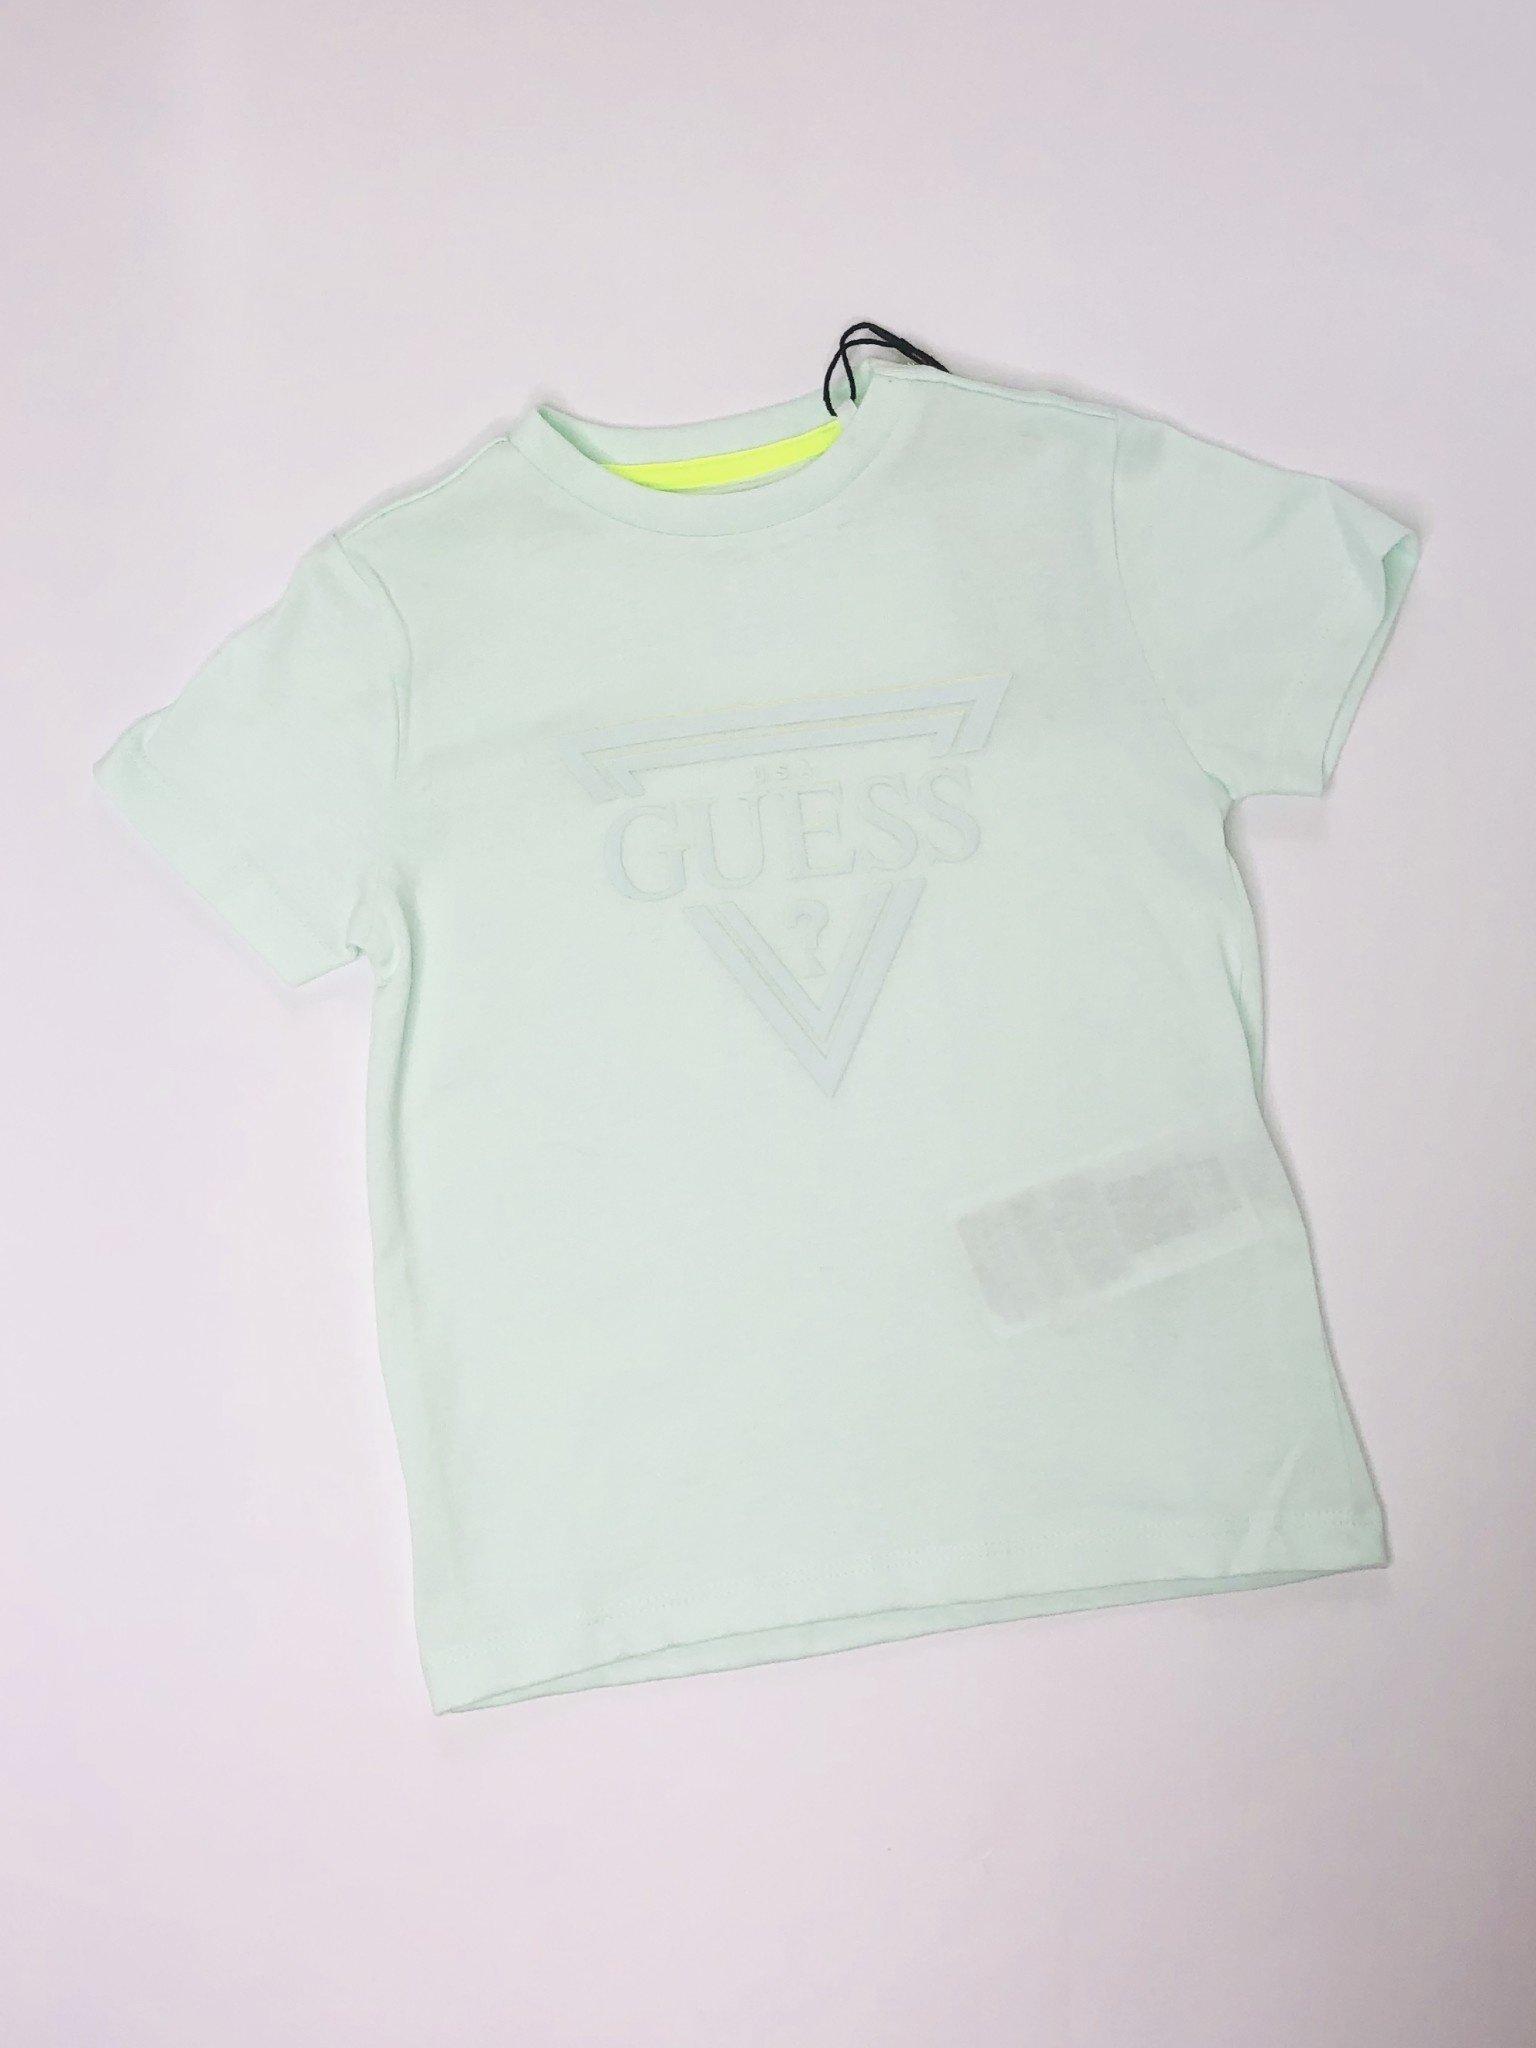 Guess Guess Boys Mint Logo T-shirt